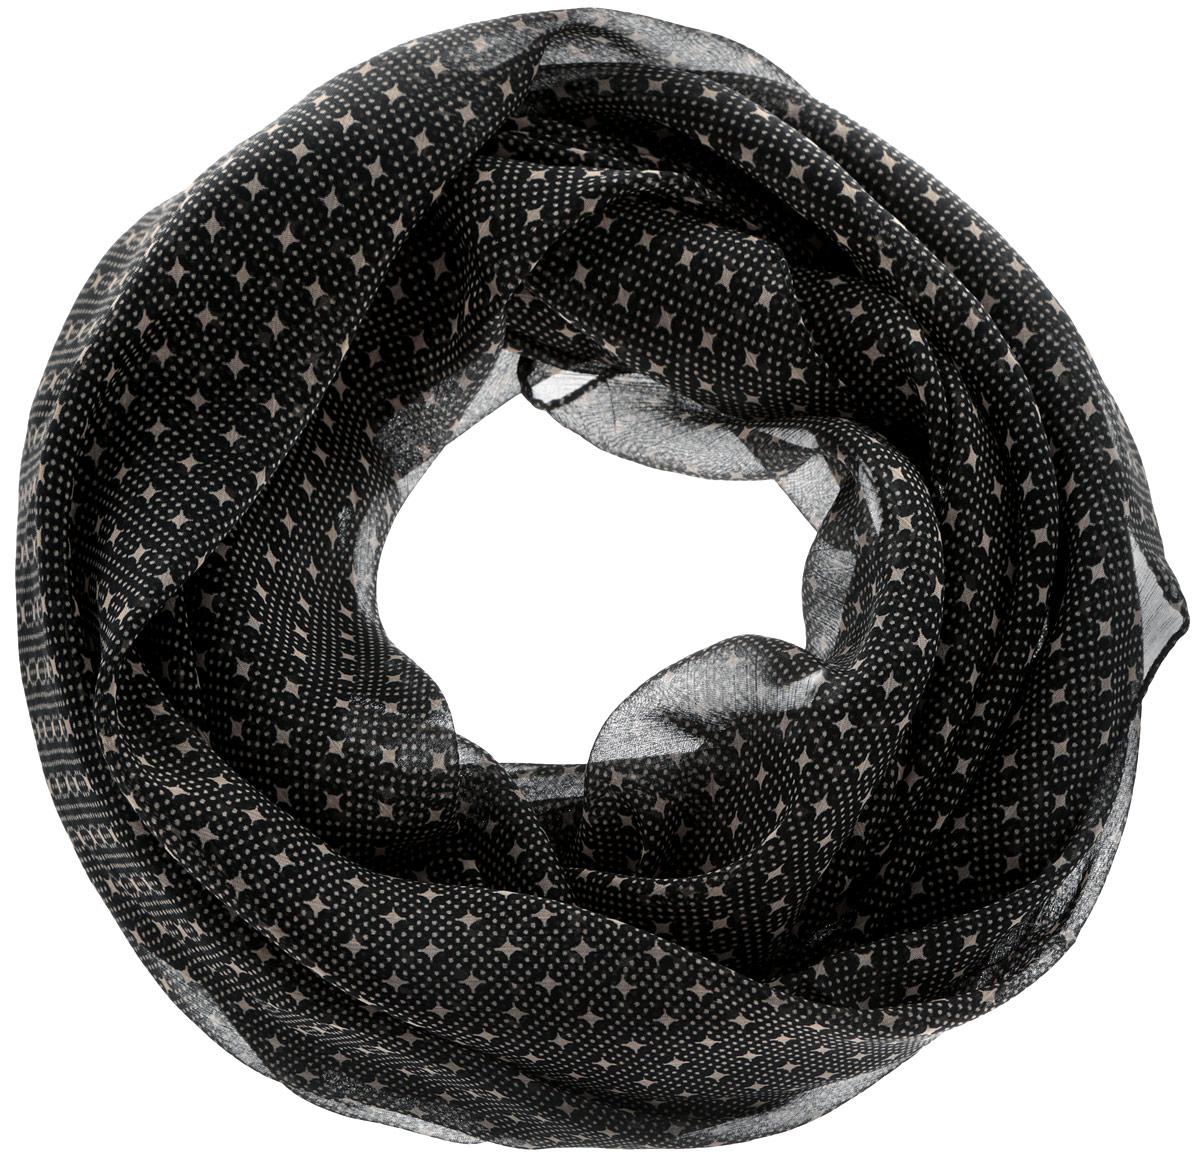 Шарф262040Женский шарф Ethnica, изготовленный из 100% вискозы, подчеркнет вашу индивидуальность. Благодаря своему составу, он легкий, мягкий и приятный на ощупь. Изделие оформлено оригинальным орнаментом. Такой аксессуар станет стильным дополнением к гардеробу современной женщины.